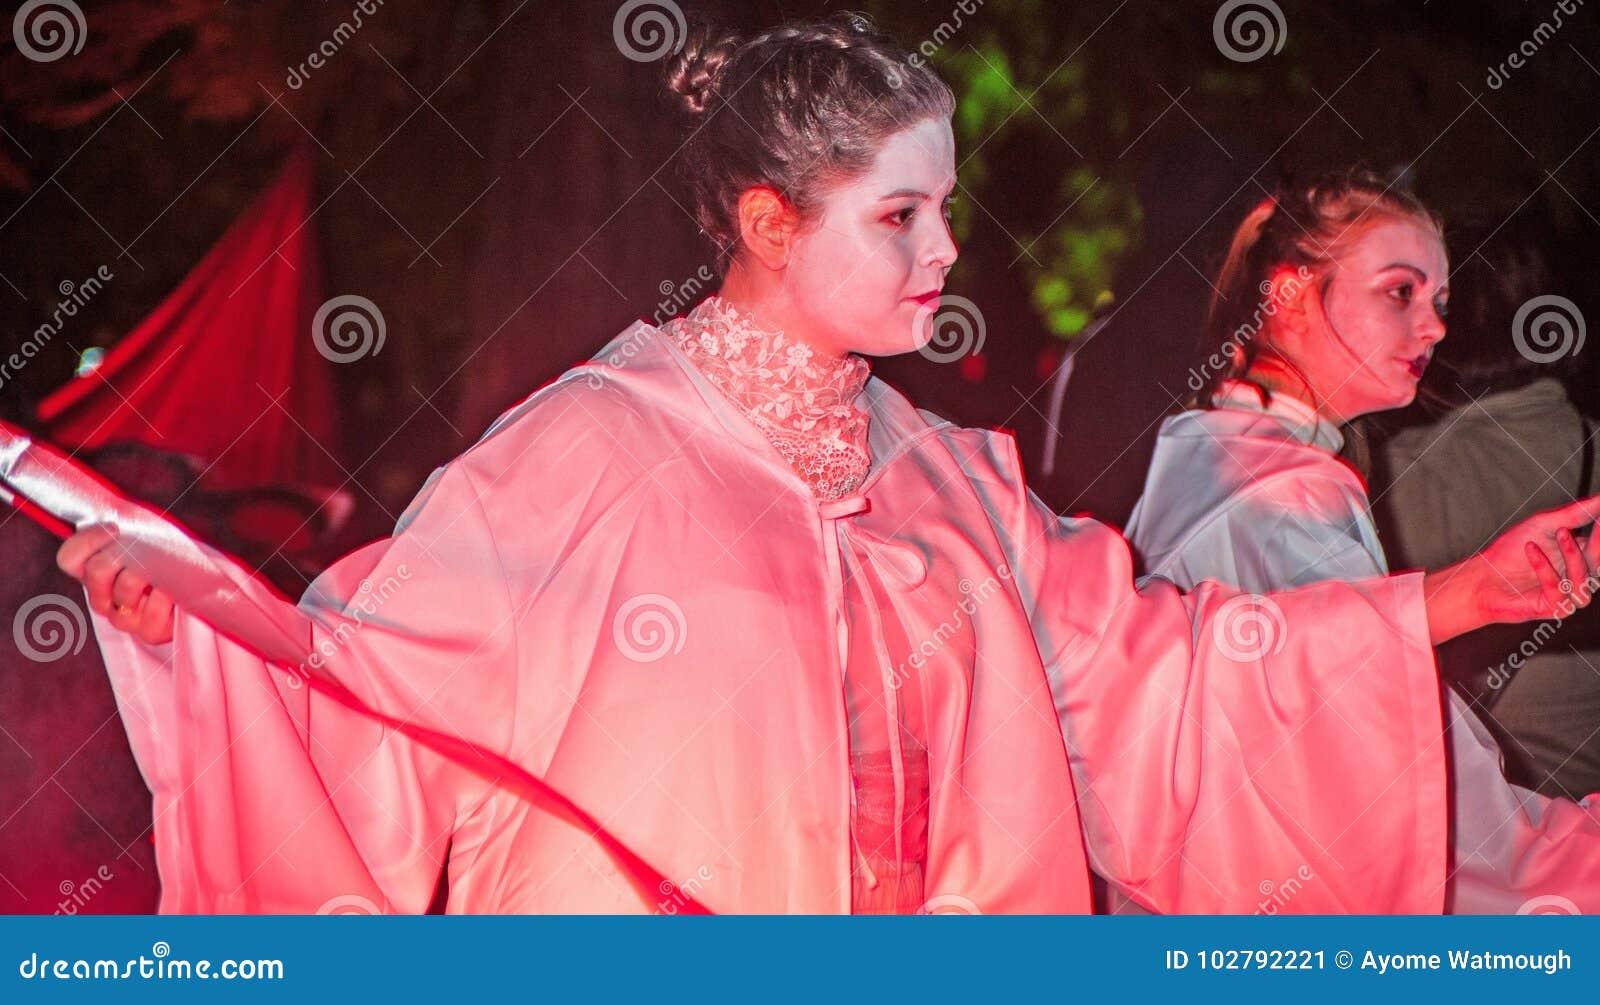 Spirits in the underworld at Halloween